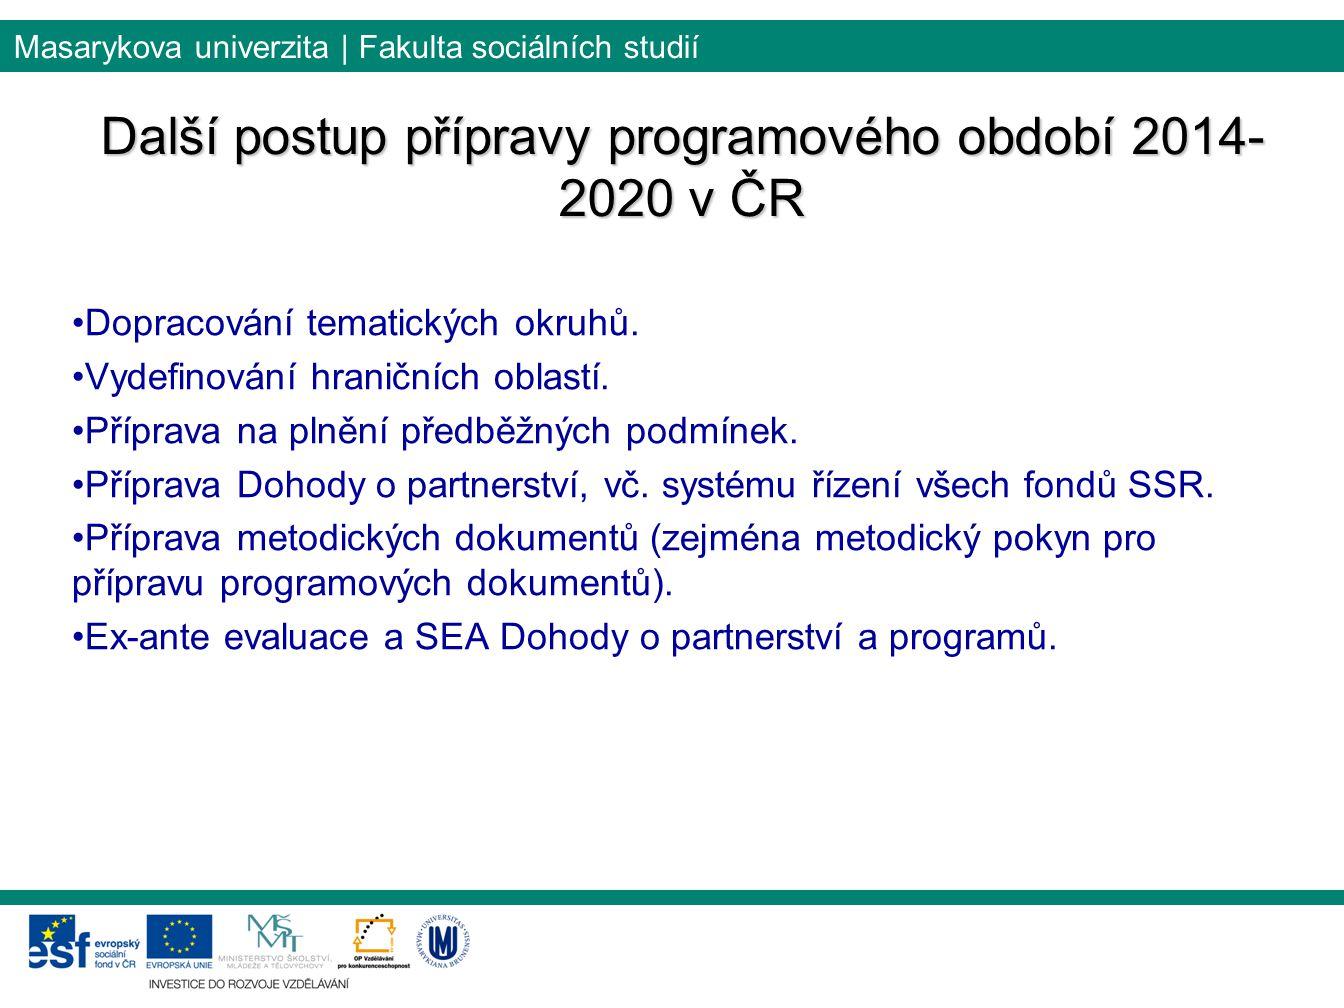 Další postup přípravy programového období 2014-2020 v ČR